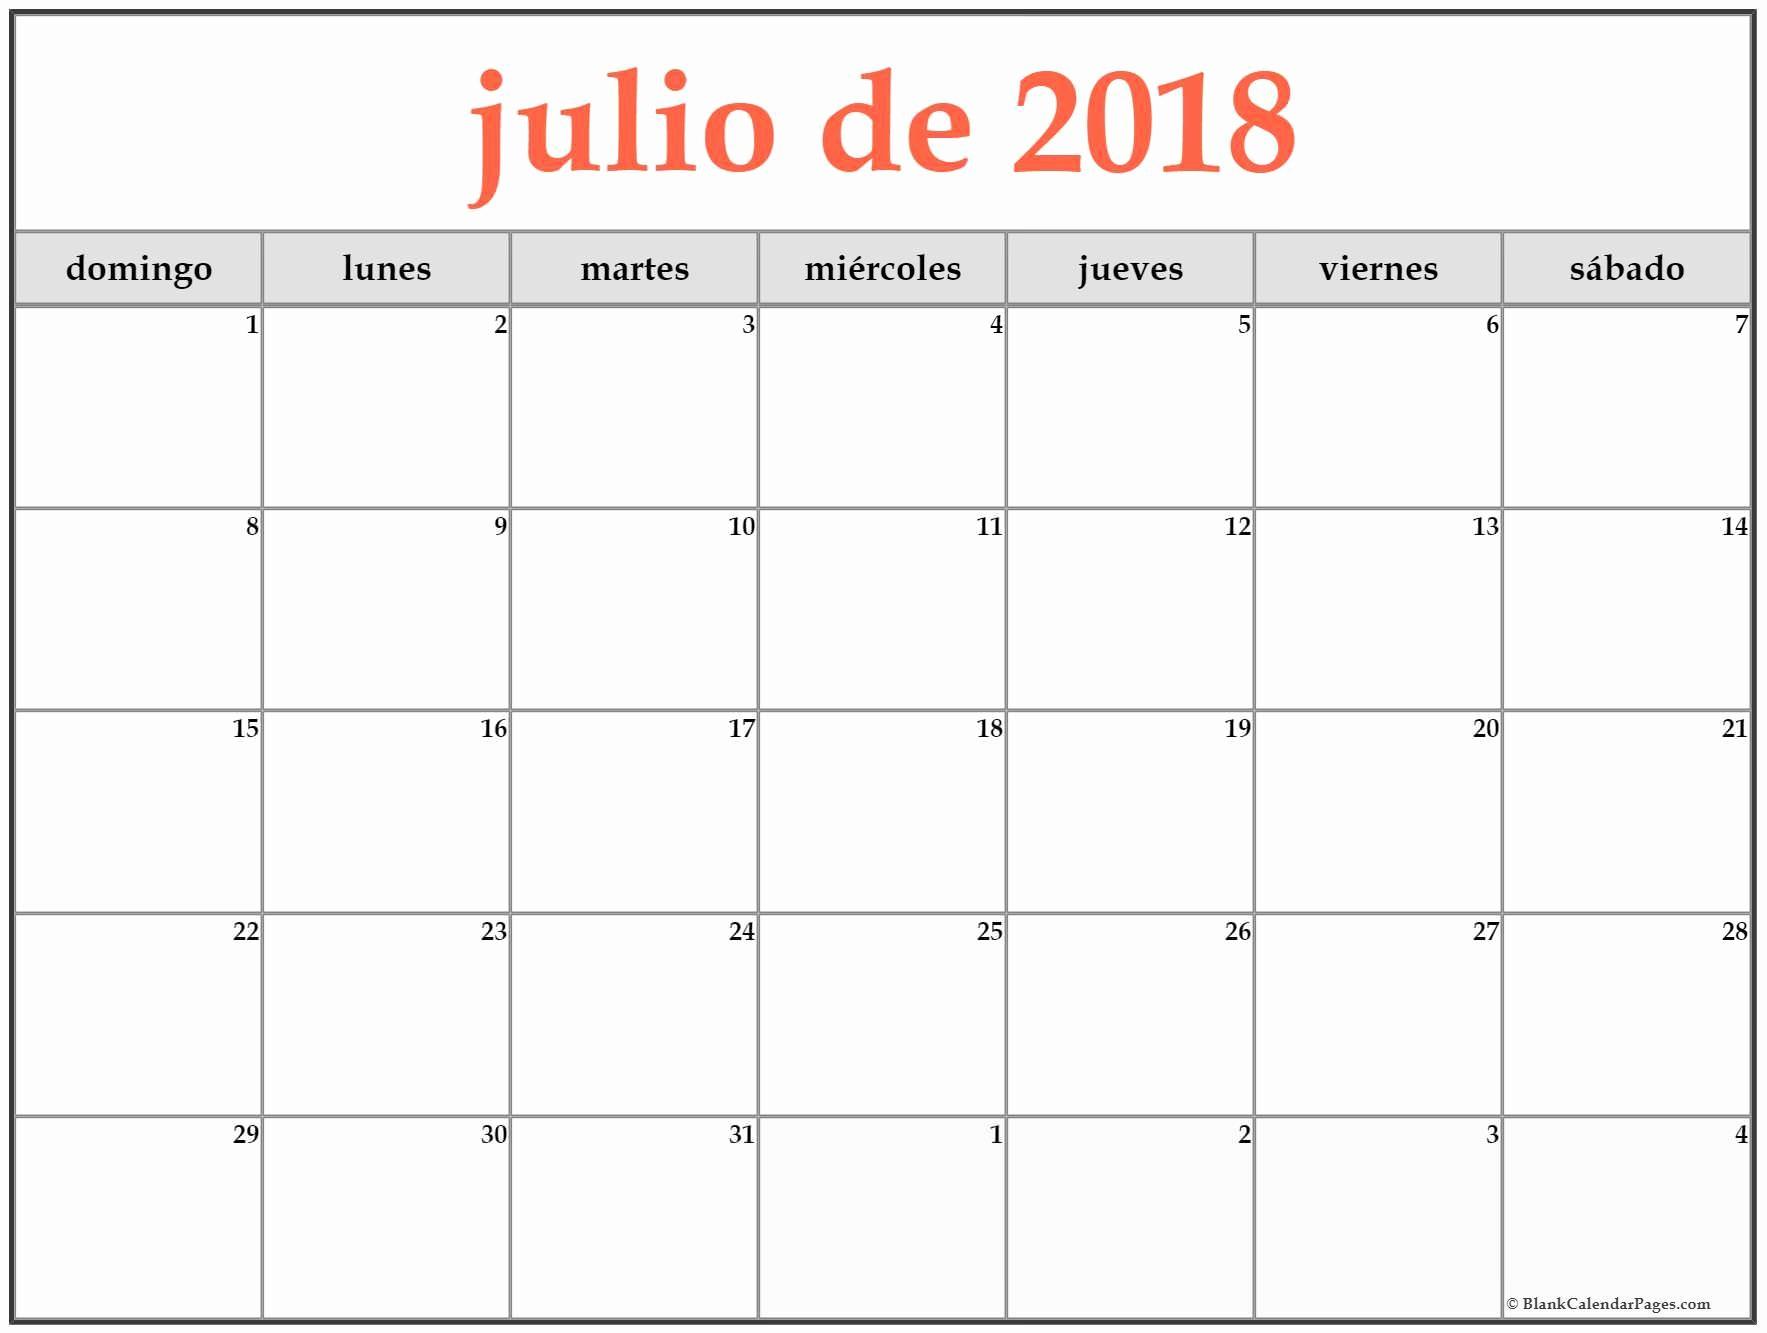 Calendario Com Feriados De 2019 Para Imprimir Más Actual Fresh 45 Ilustraci³n Cambridge House Calendario 2019 Of Calendario Com Feriados De 2019 Para Imprimir Más Recientes Es Calendario Para Imprimir 2017 Y 2019